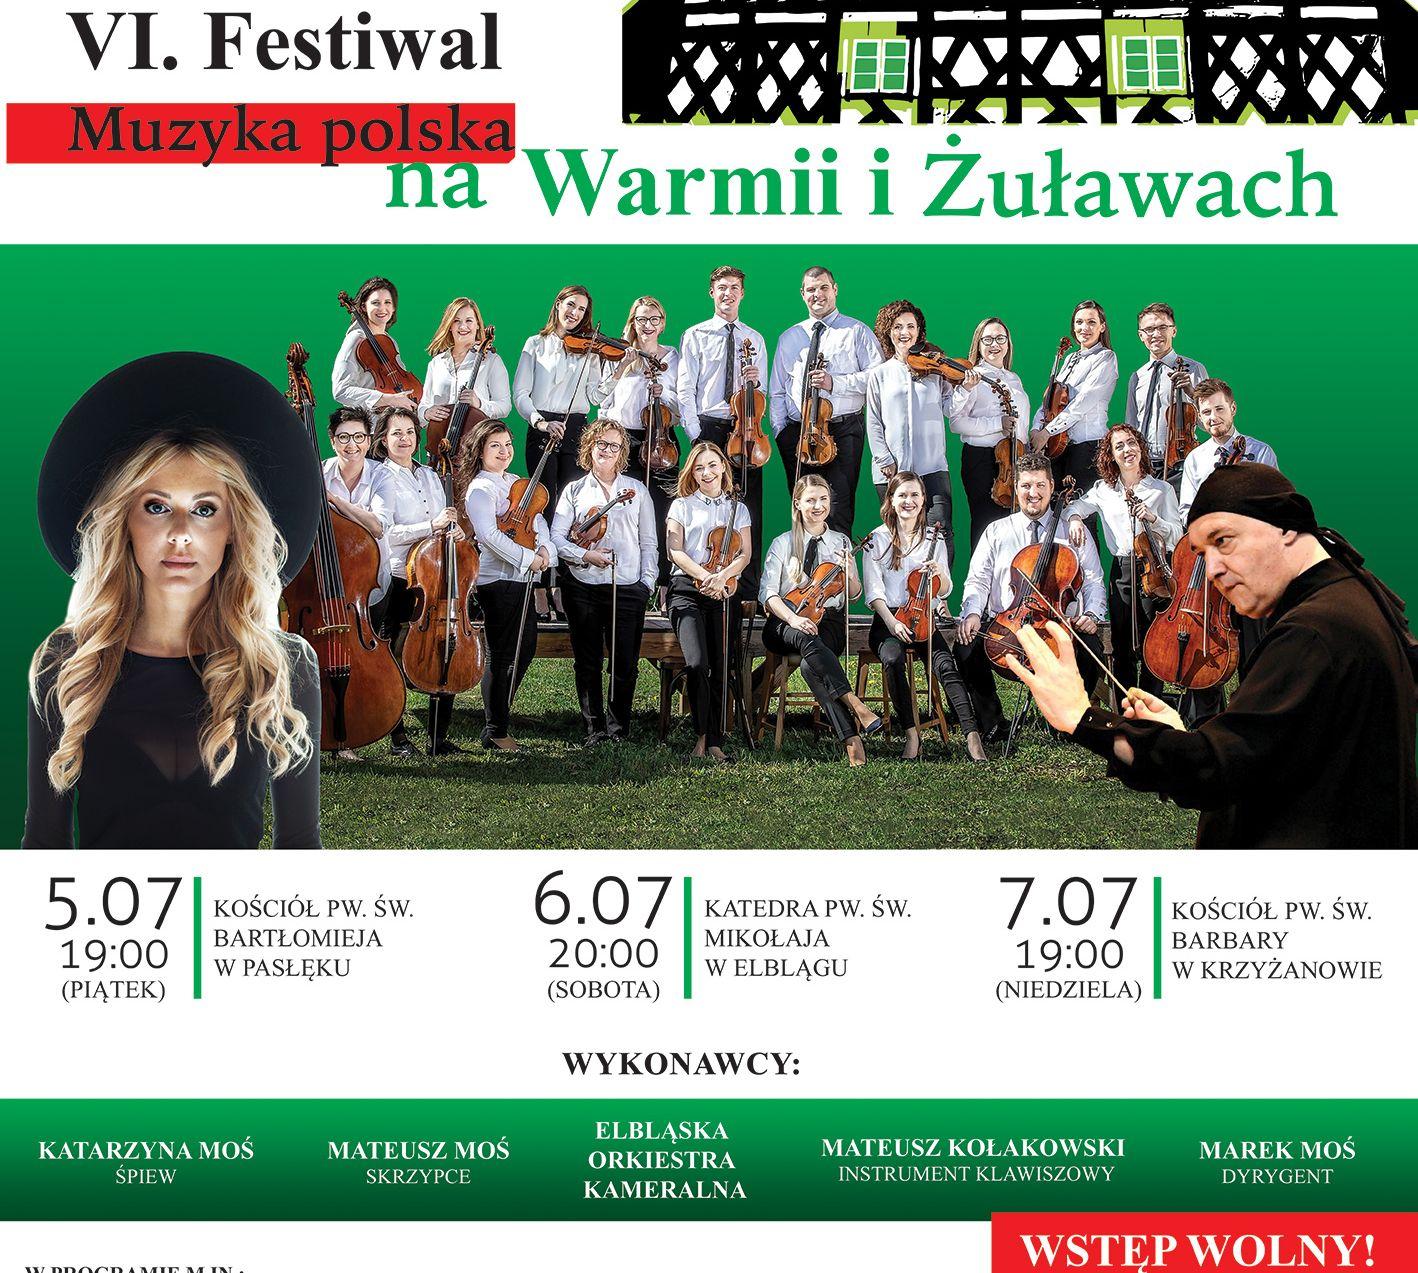 Muzyka polska powraca nad Warmię i Żuławy